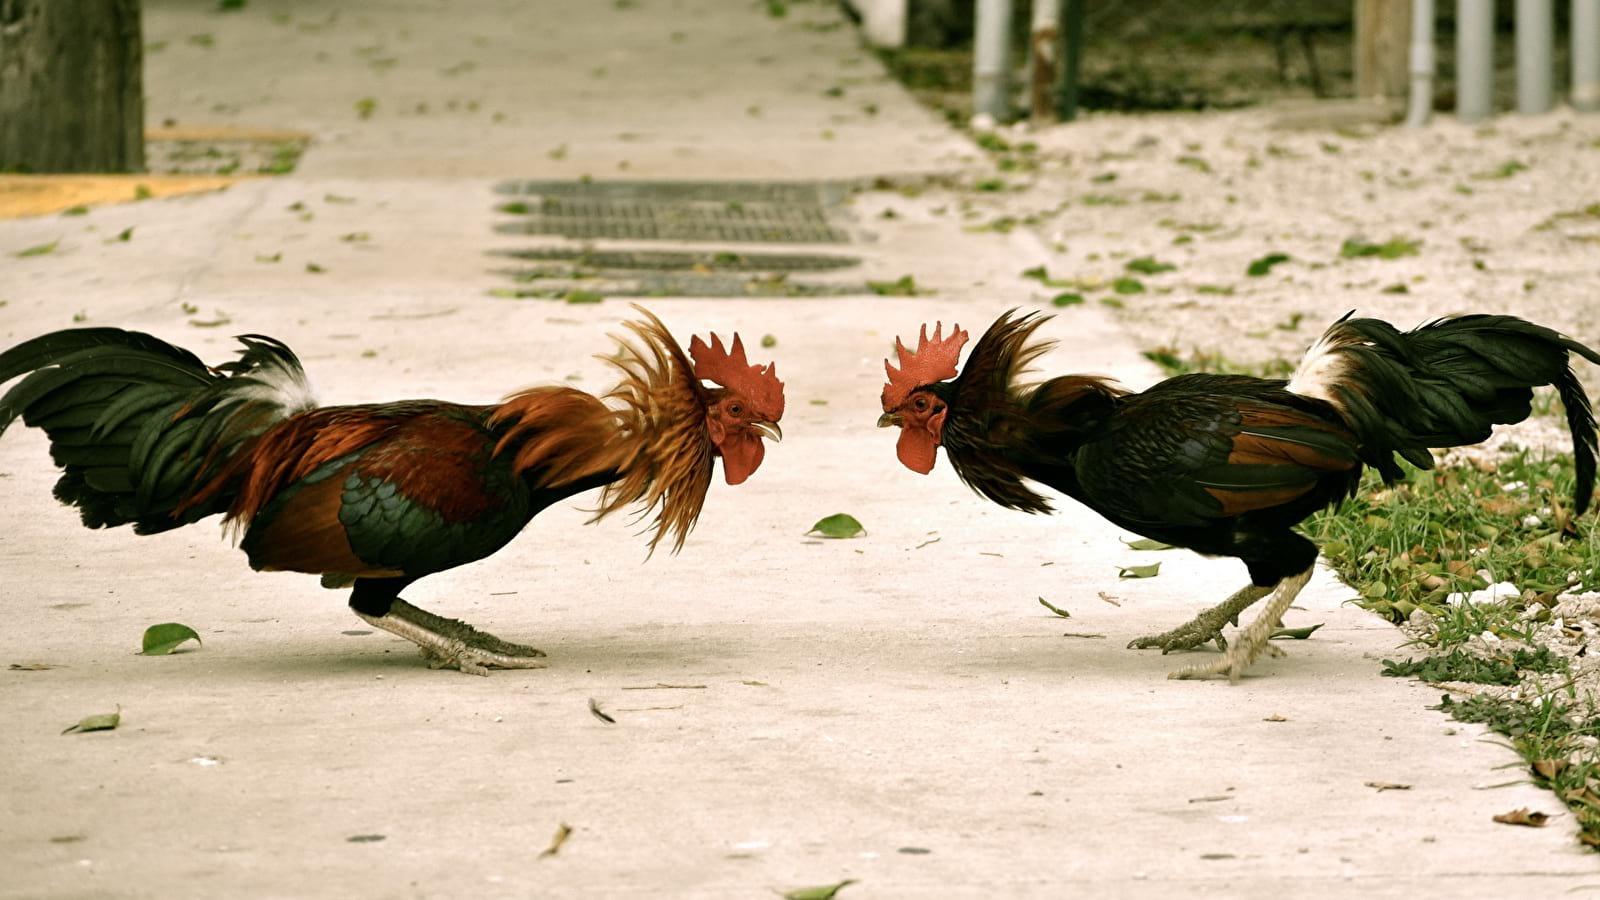 Американская бойцовая порода кур – описание с фото и видео новые фото